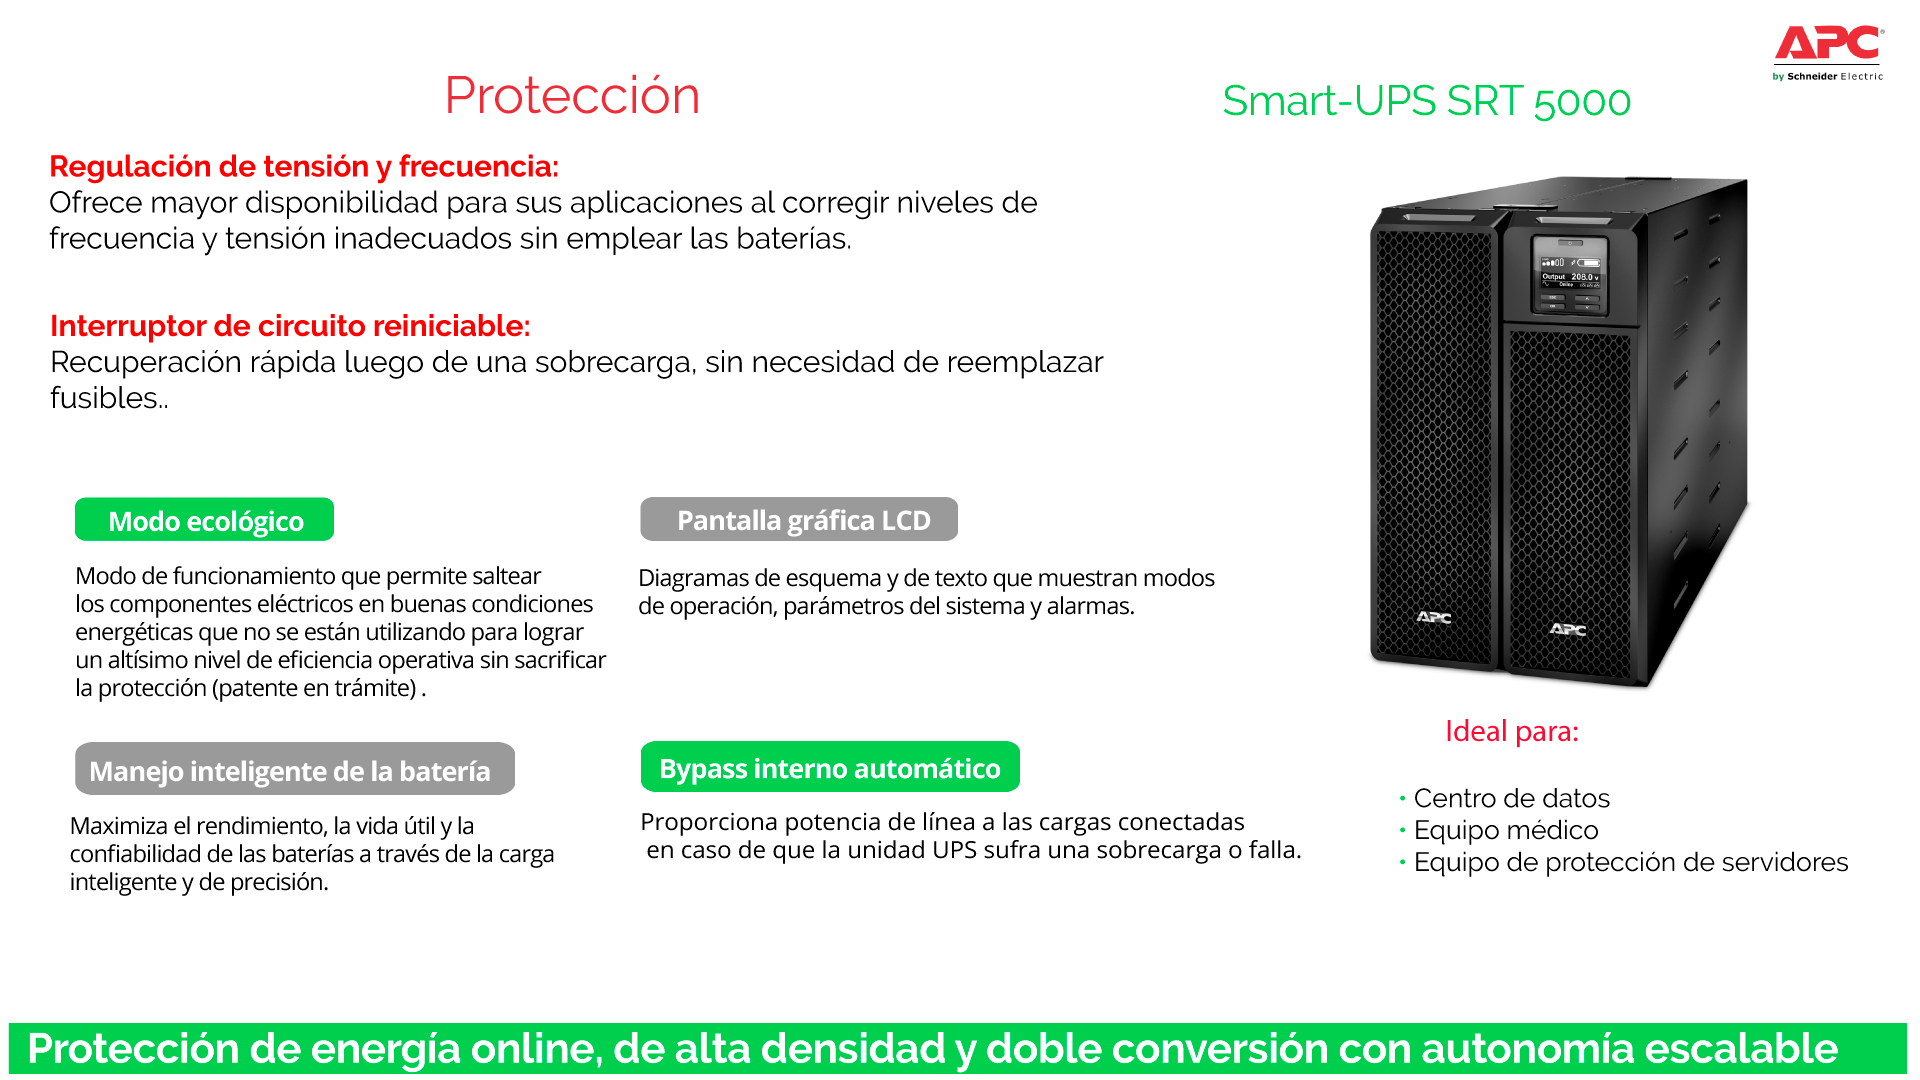 smartups SRT